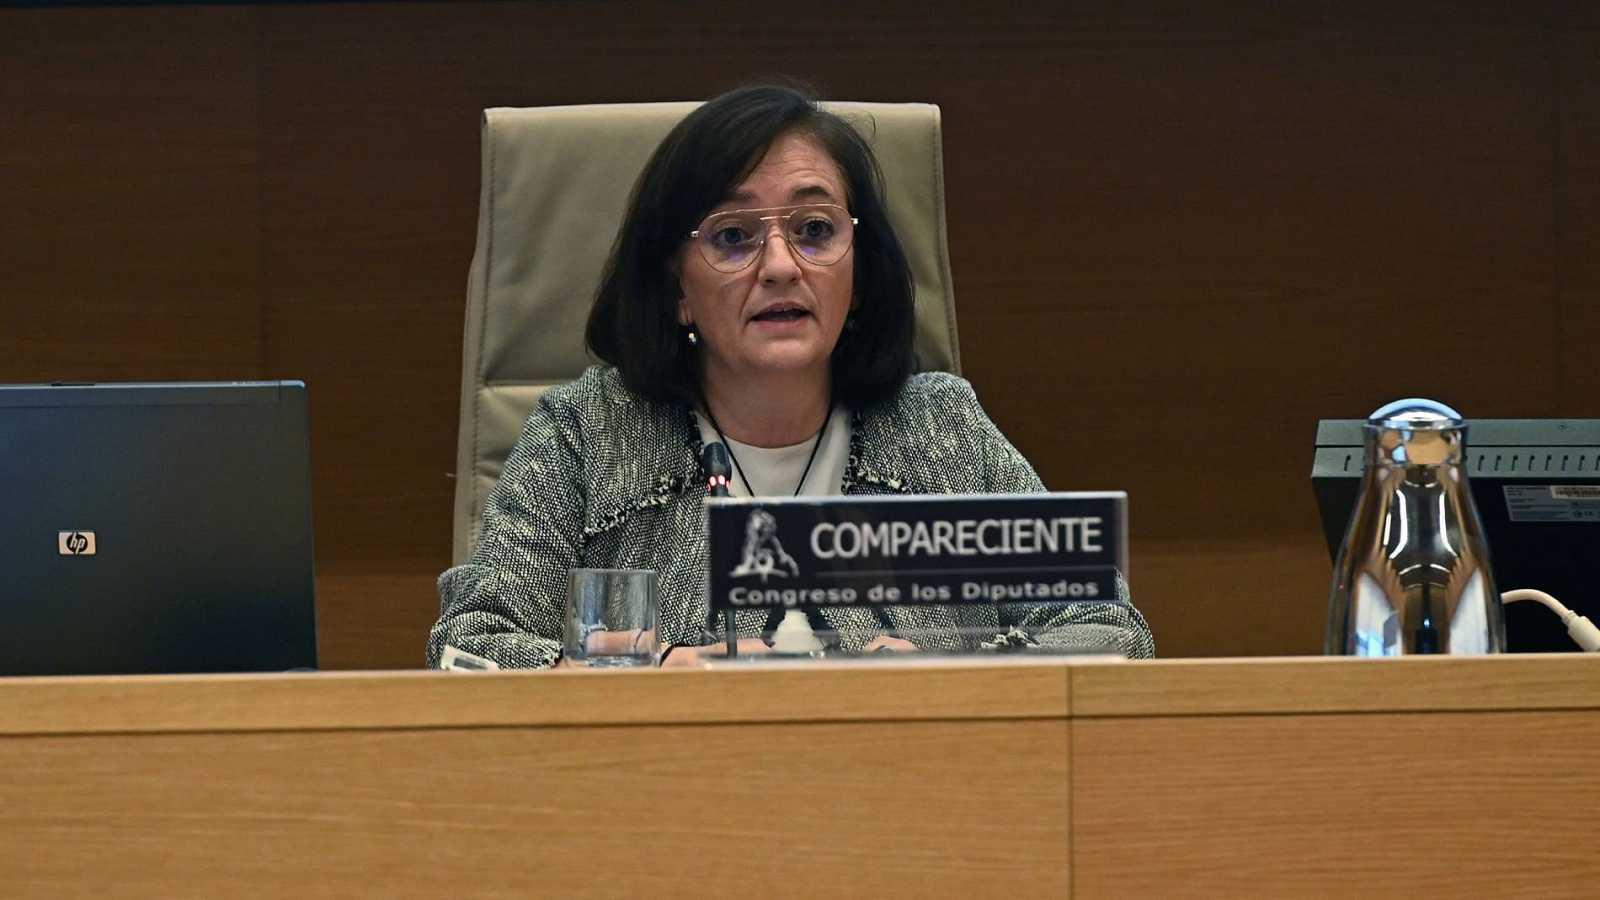 La presidenta de la Autoridad Independiente de Responsabilidad Fiscal (AIReF), Cristina Herrero, durante su comparecencia en el Congreso